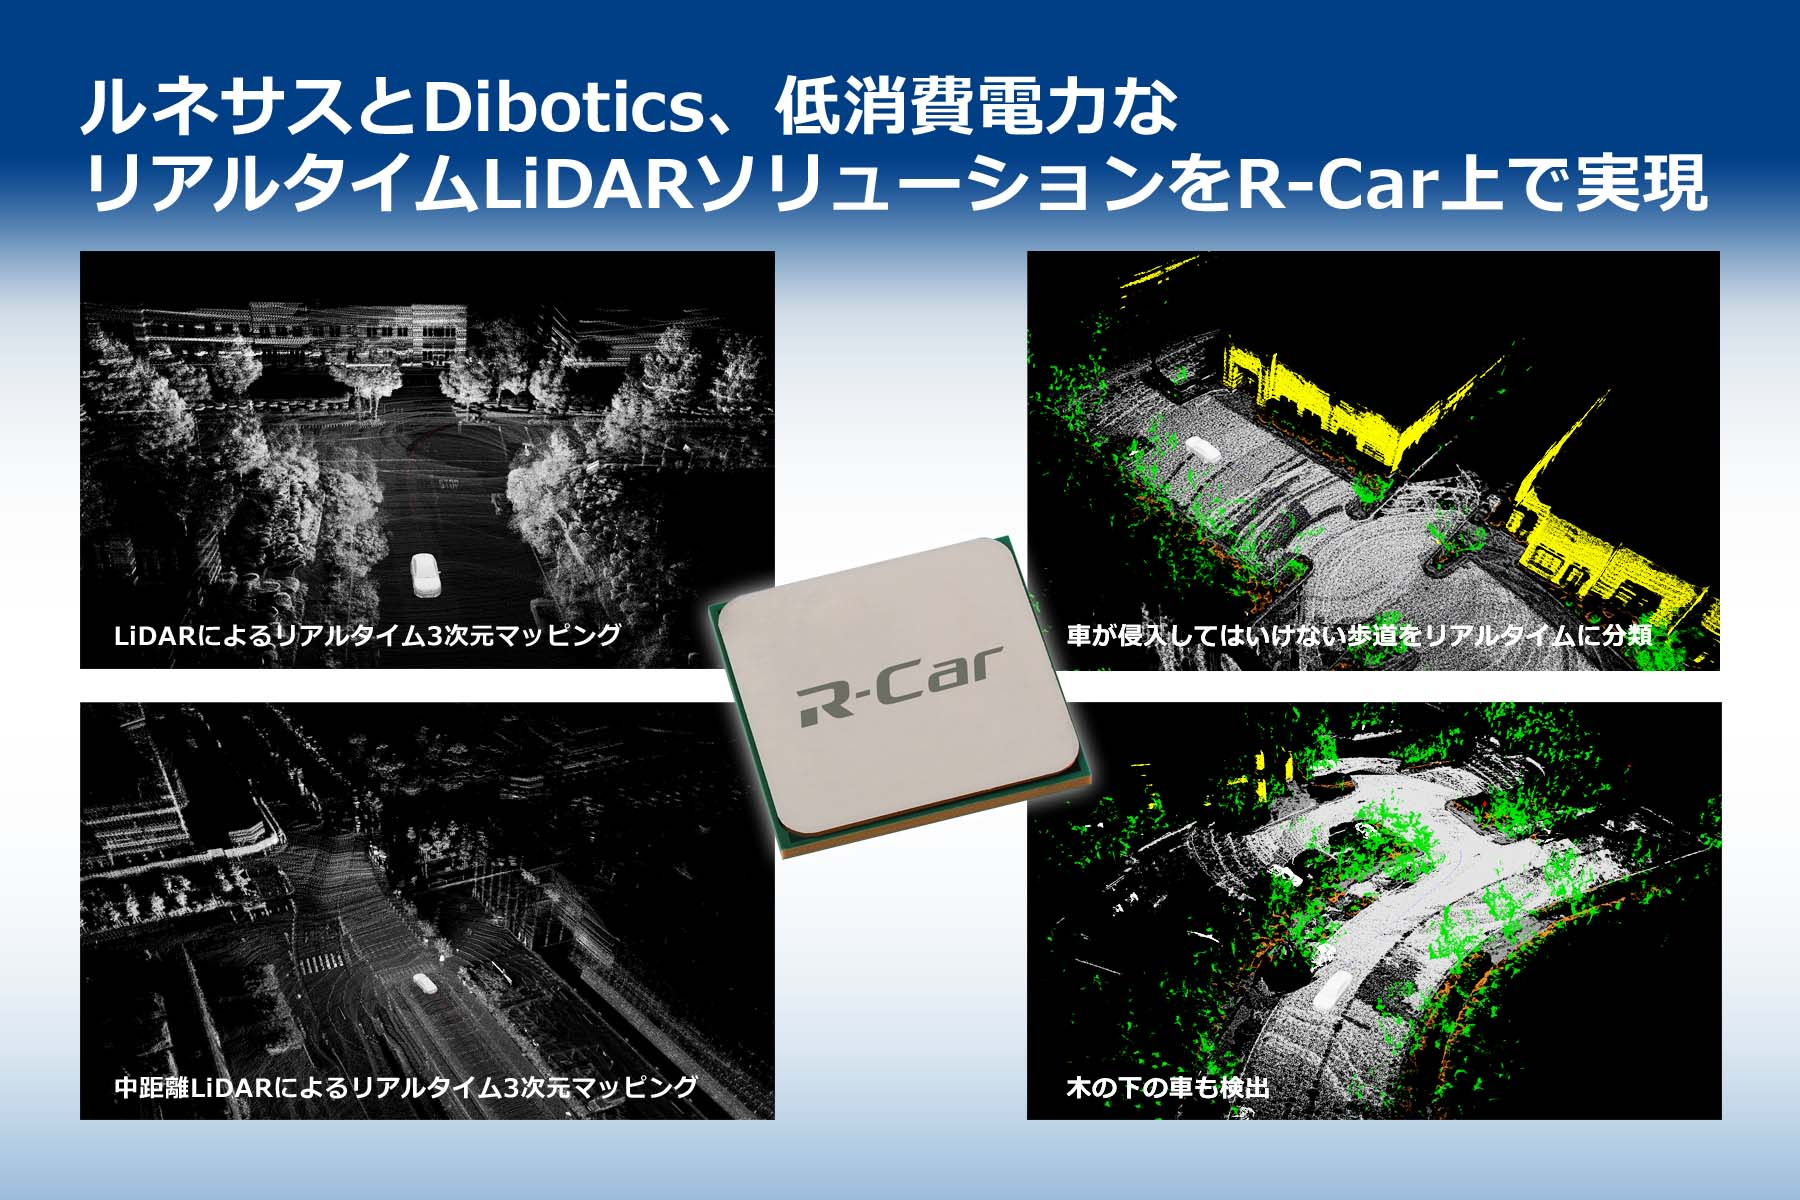 ルネサスとDiboticsが協業、低消費電力のLiDARソリューションをR-Carで実現